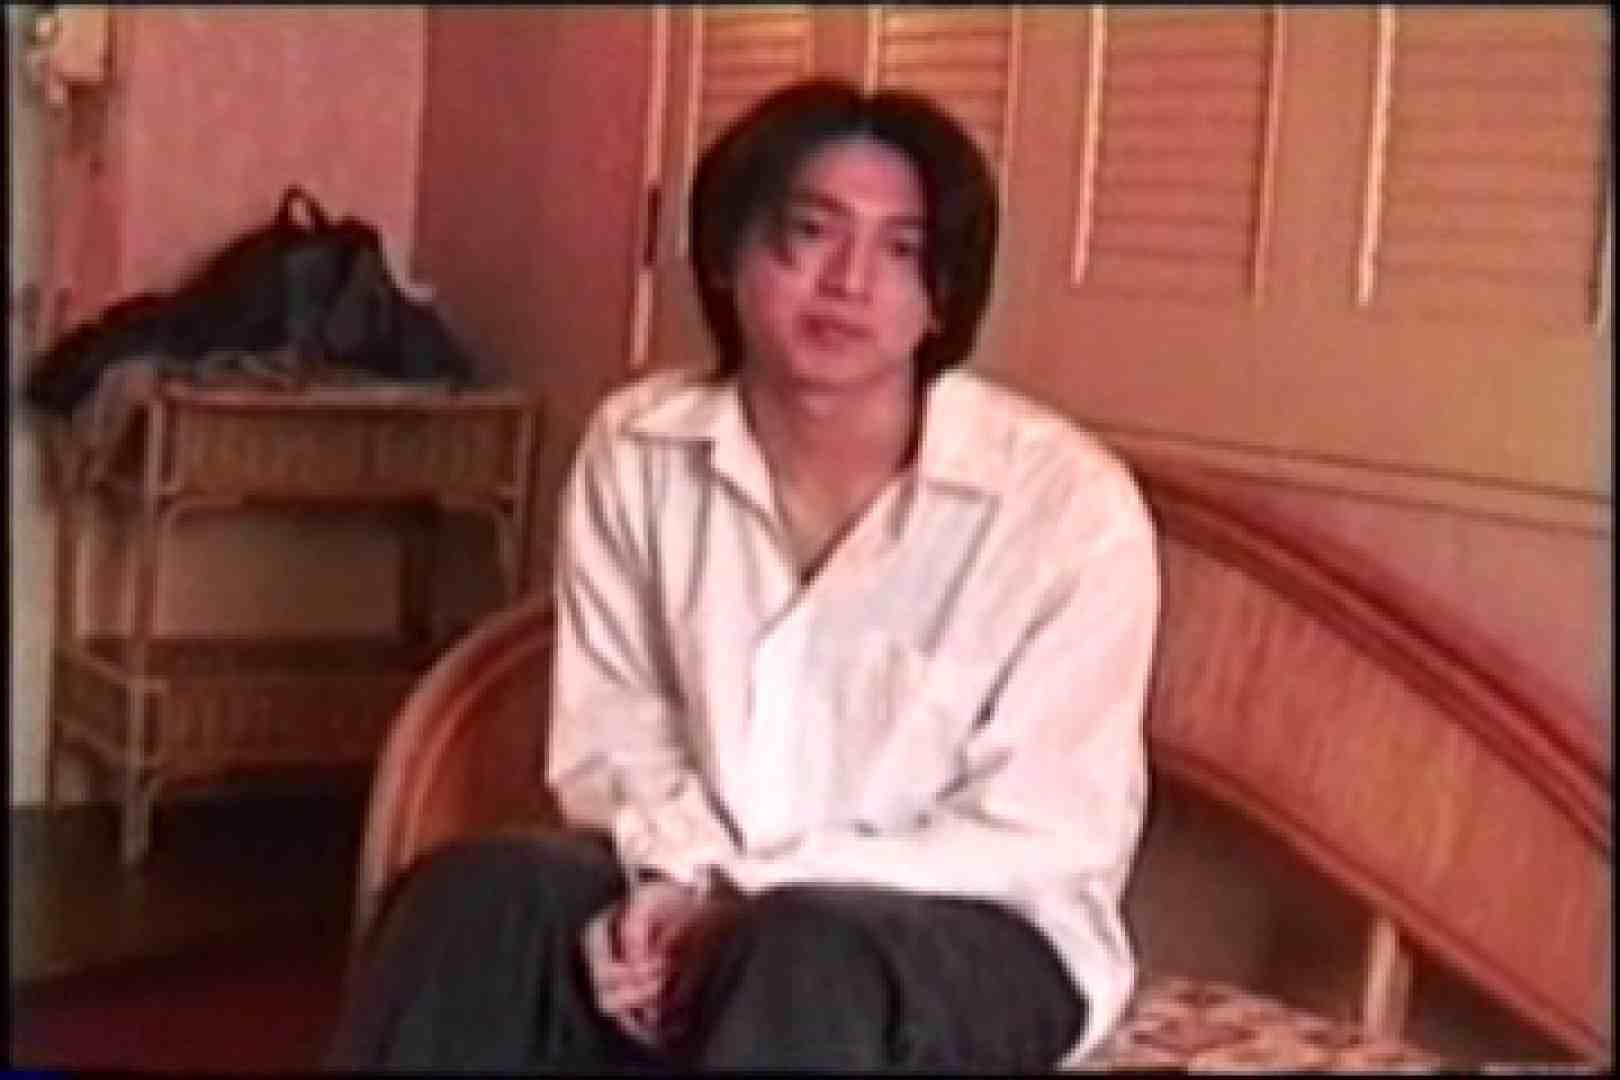 美少年 敏感チンコ達! ! パート5 美少年 ゲイエロビデオ画像 95pic 47